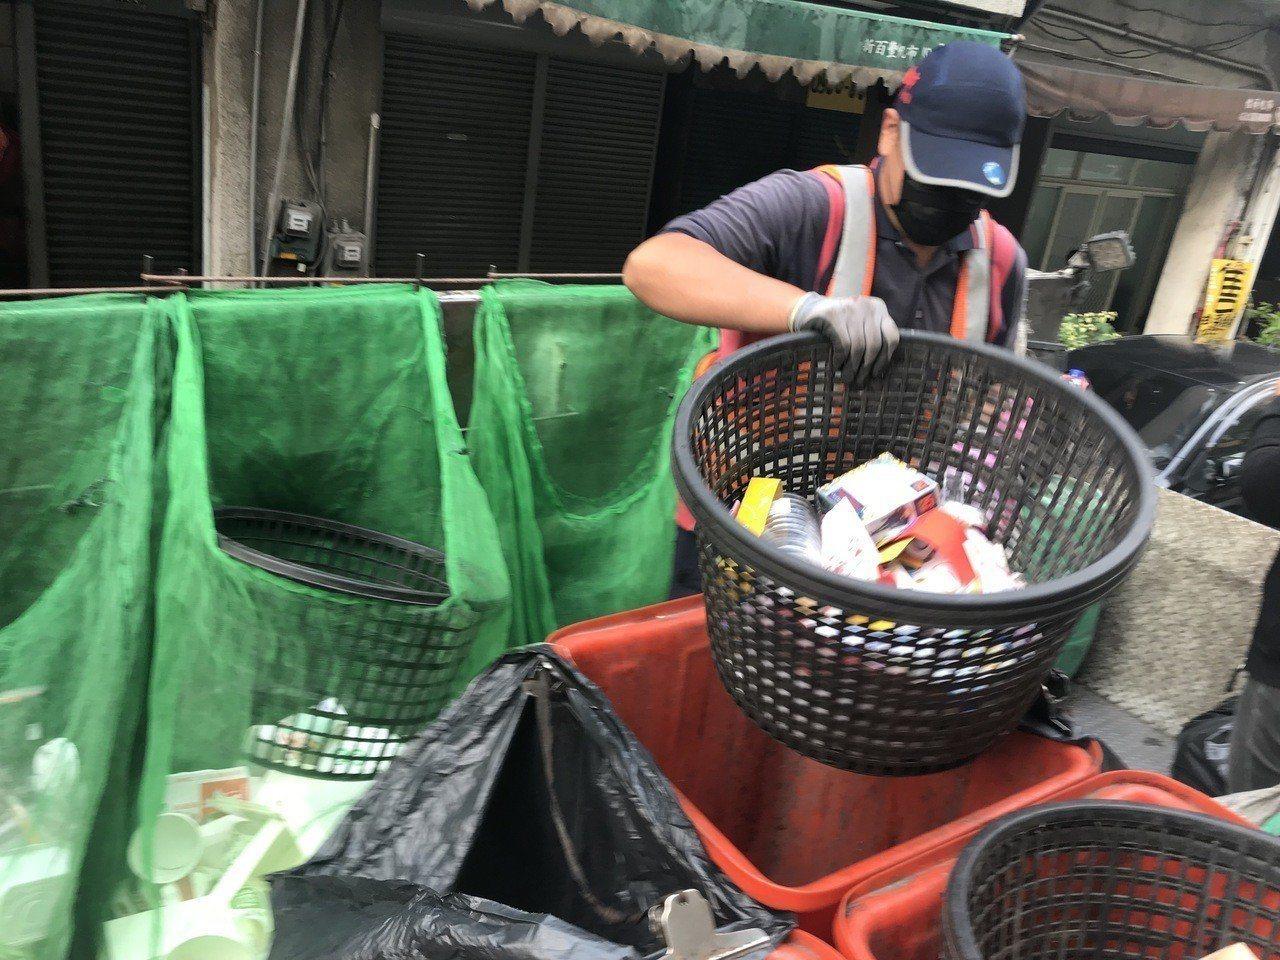 清潔員將資源回收物品仔細分類清理,才能賣到好價格。圖/聯合報系資料照片